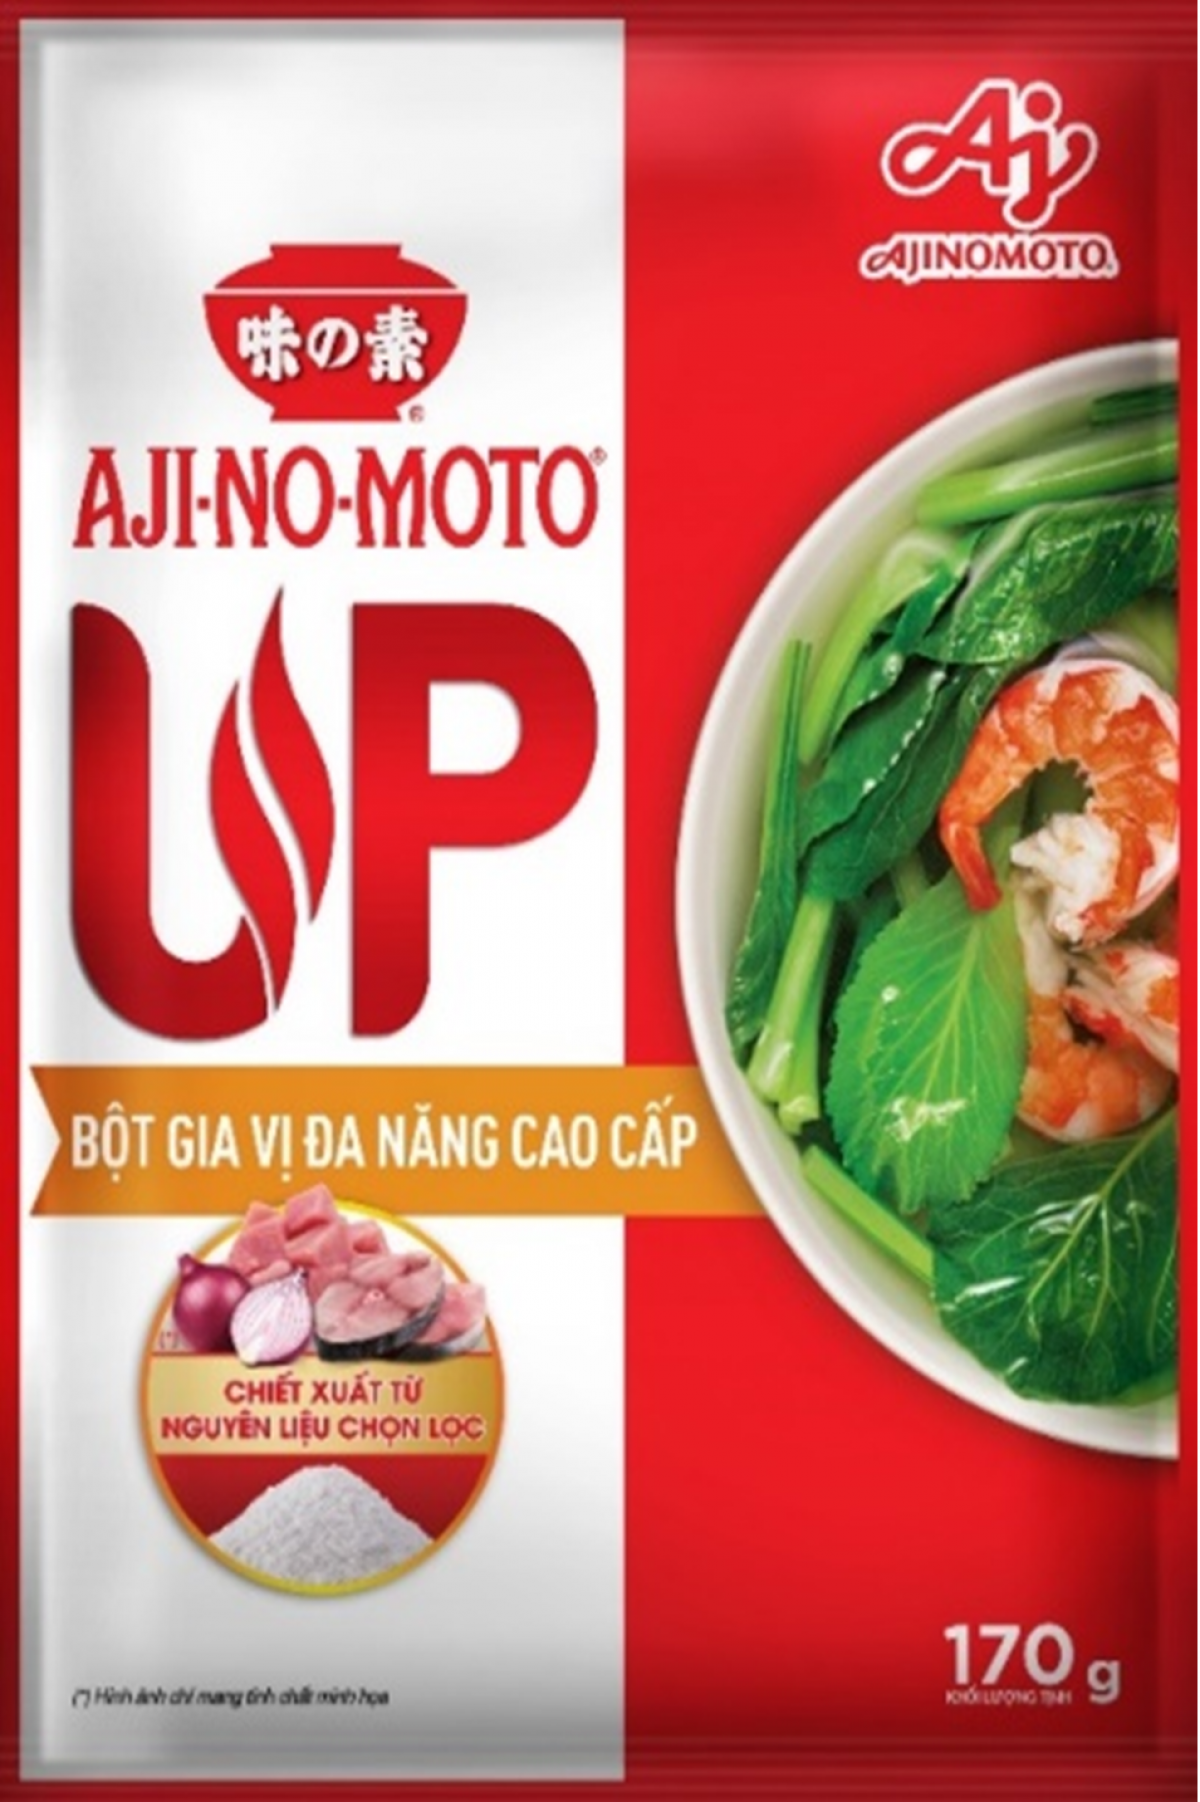 Bột gia vị đa năng cao cấp AJI-NO-MOTO® UP giúp nấu ăn ngon hơn nhờ khả năng làm nổi bật vị ngon tự nhiên của từng nguyên liệu.